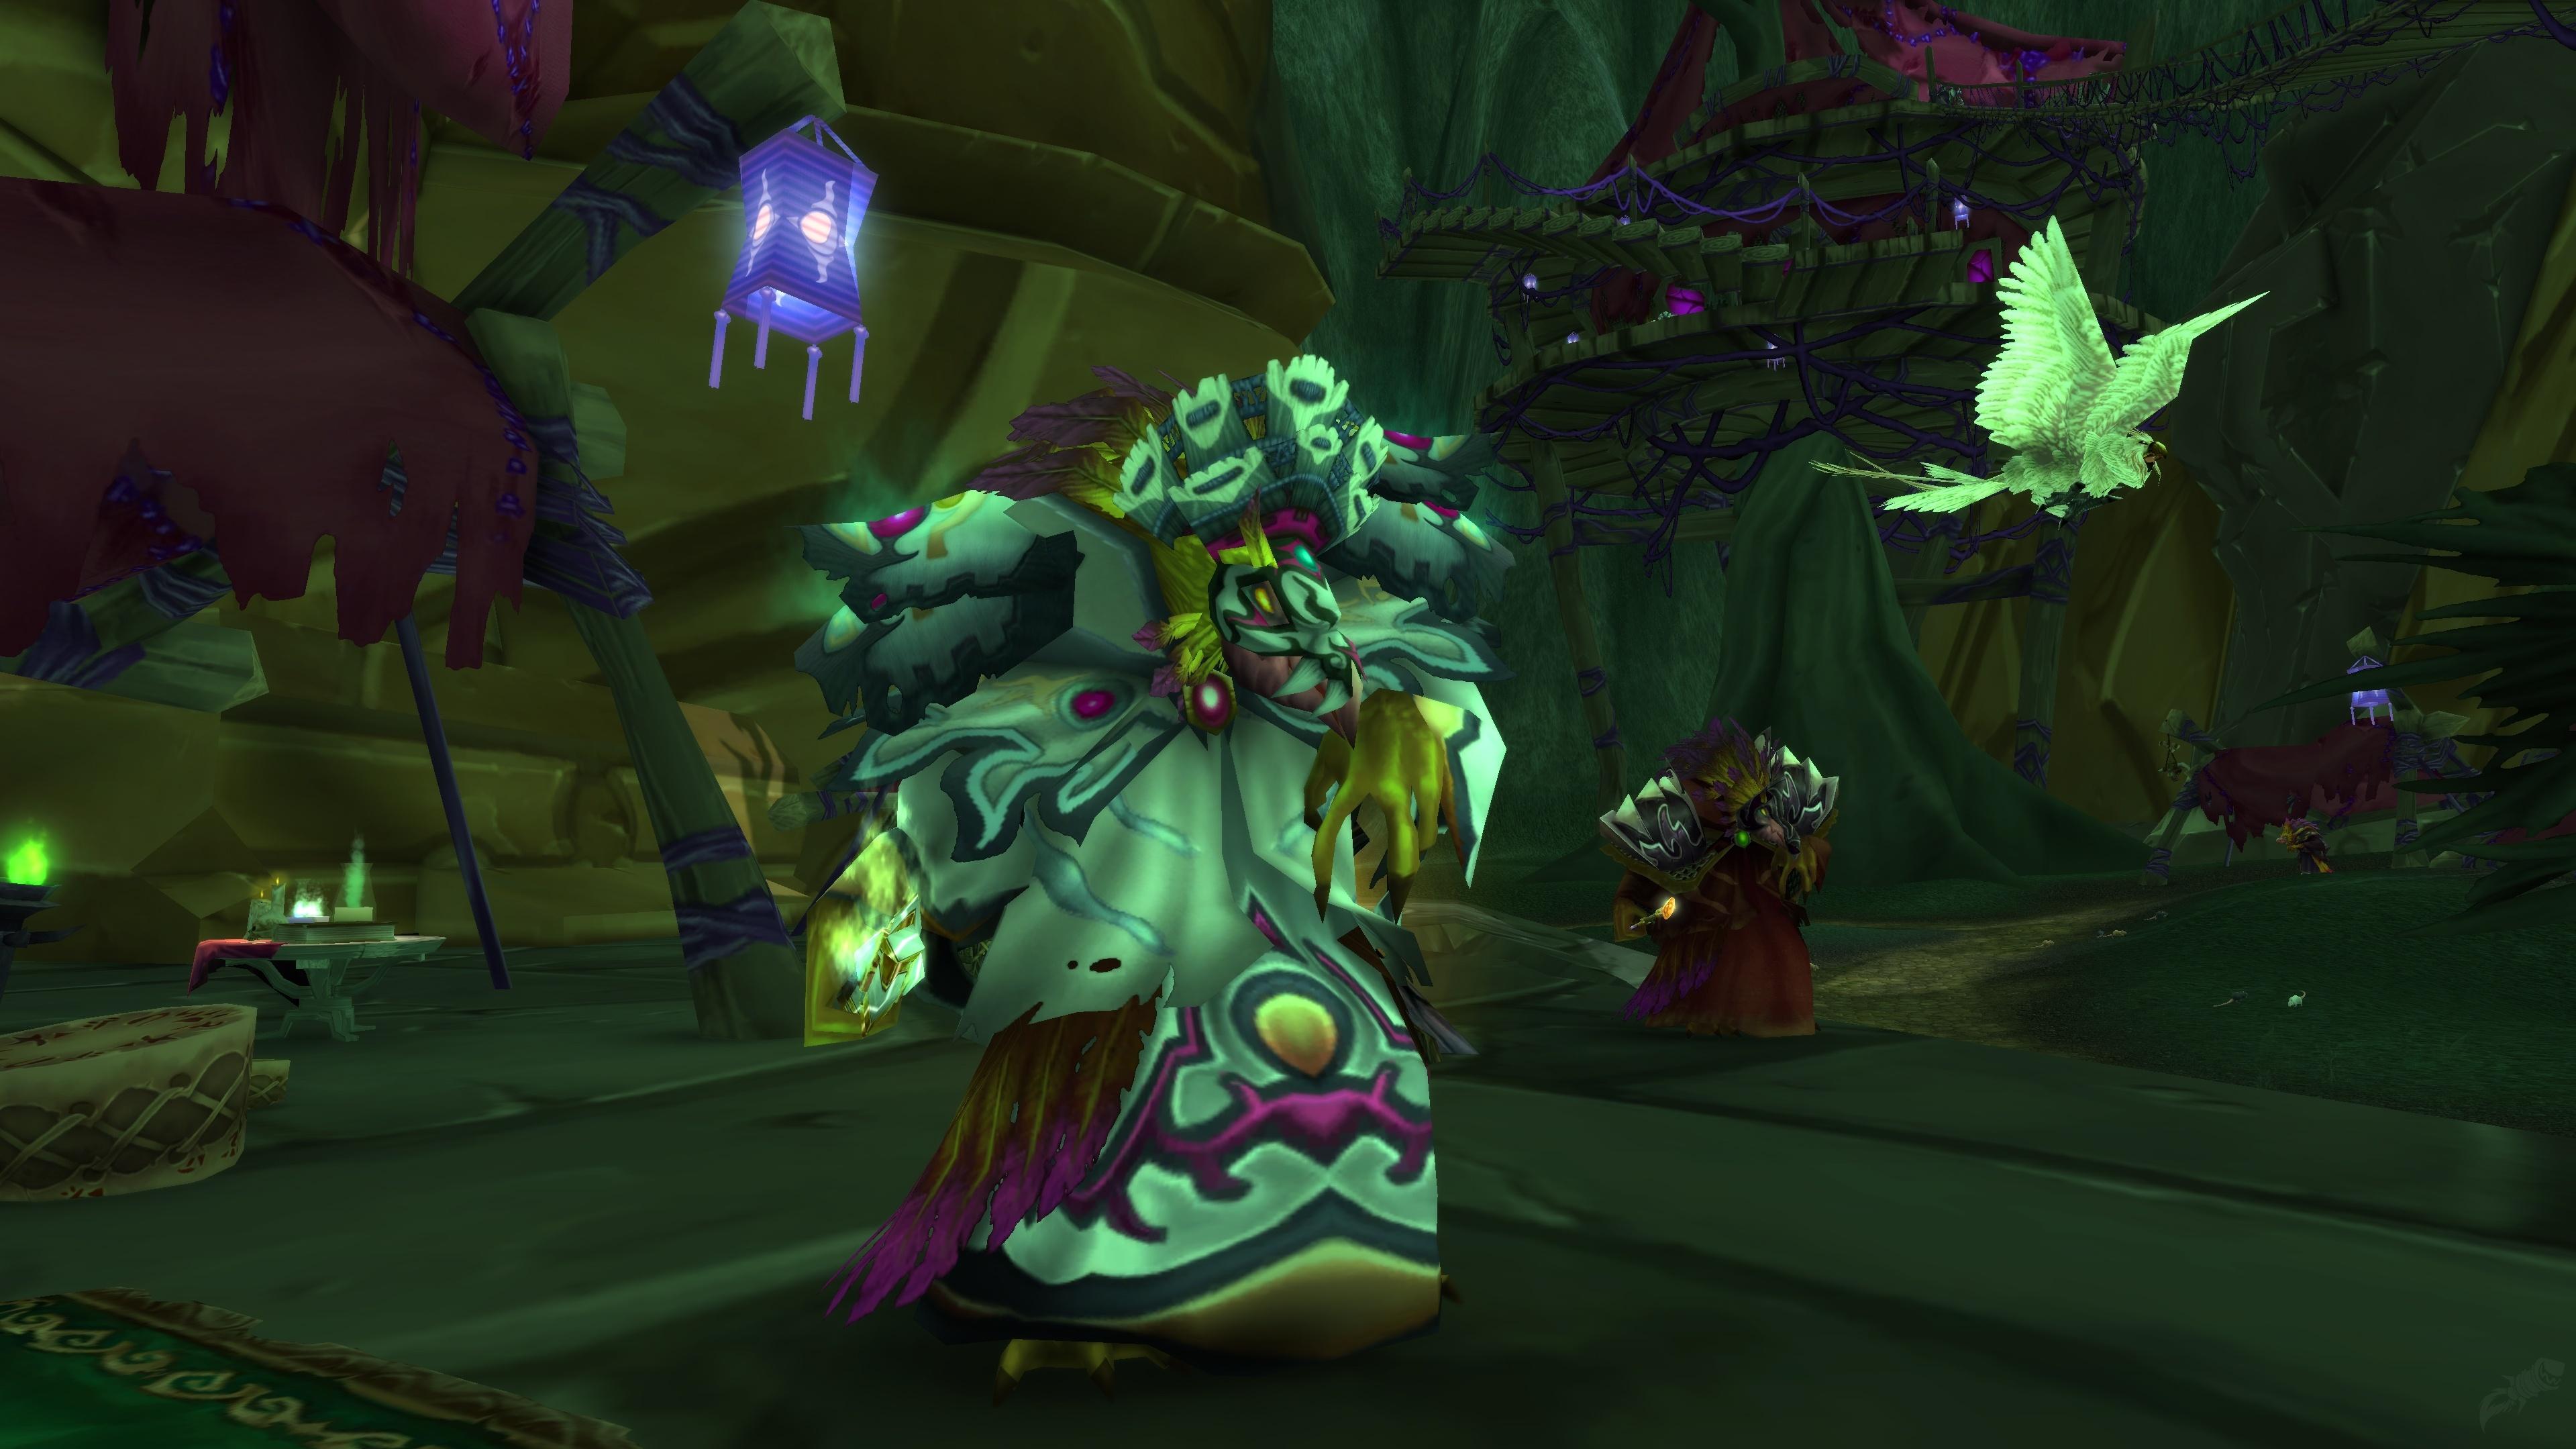 Secretos de los arakkoa - Misión - World of Warcraft